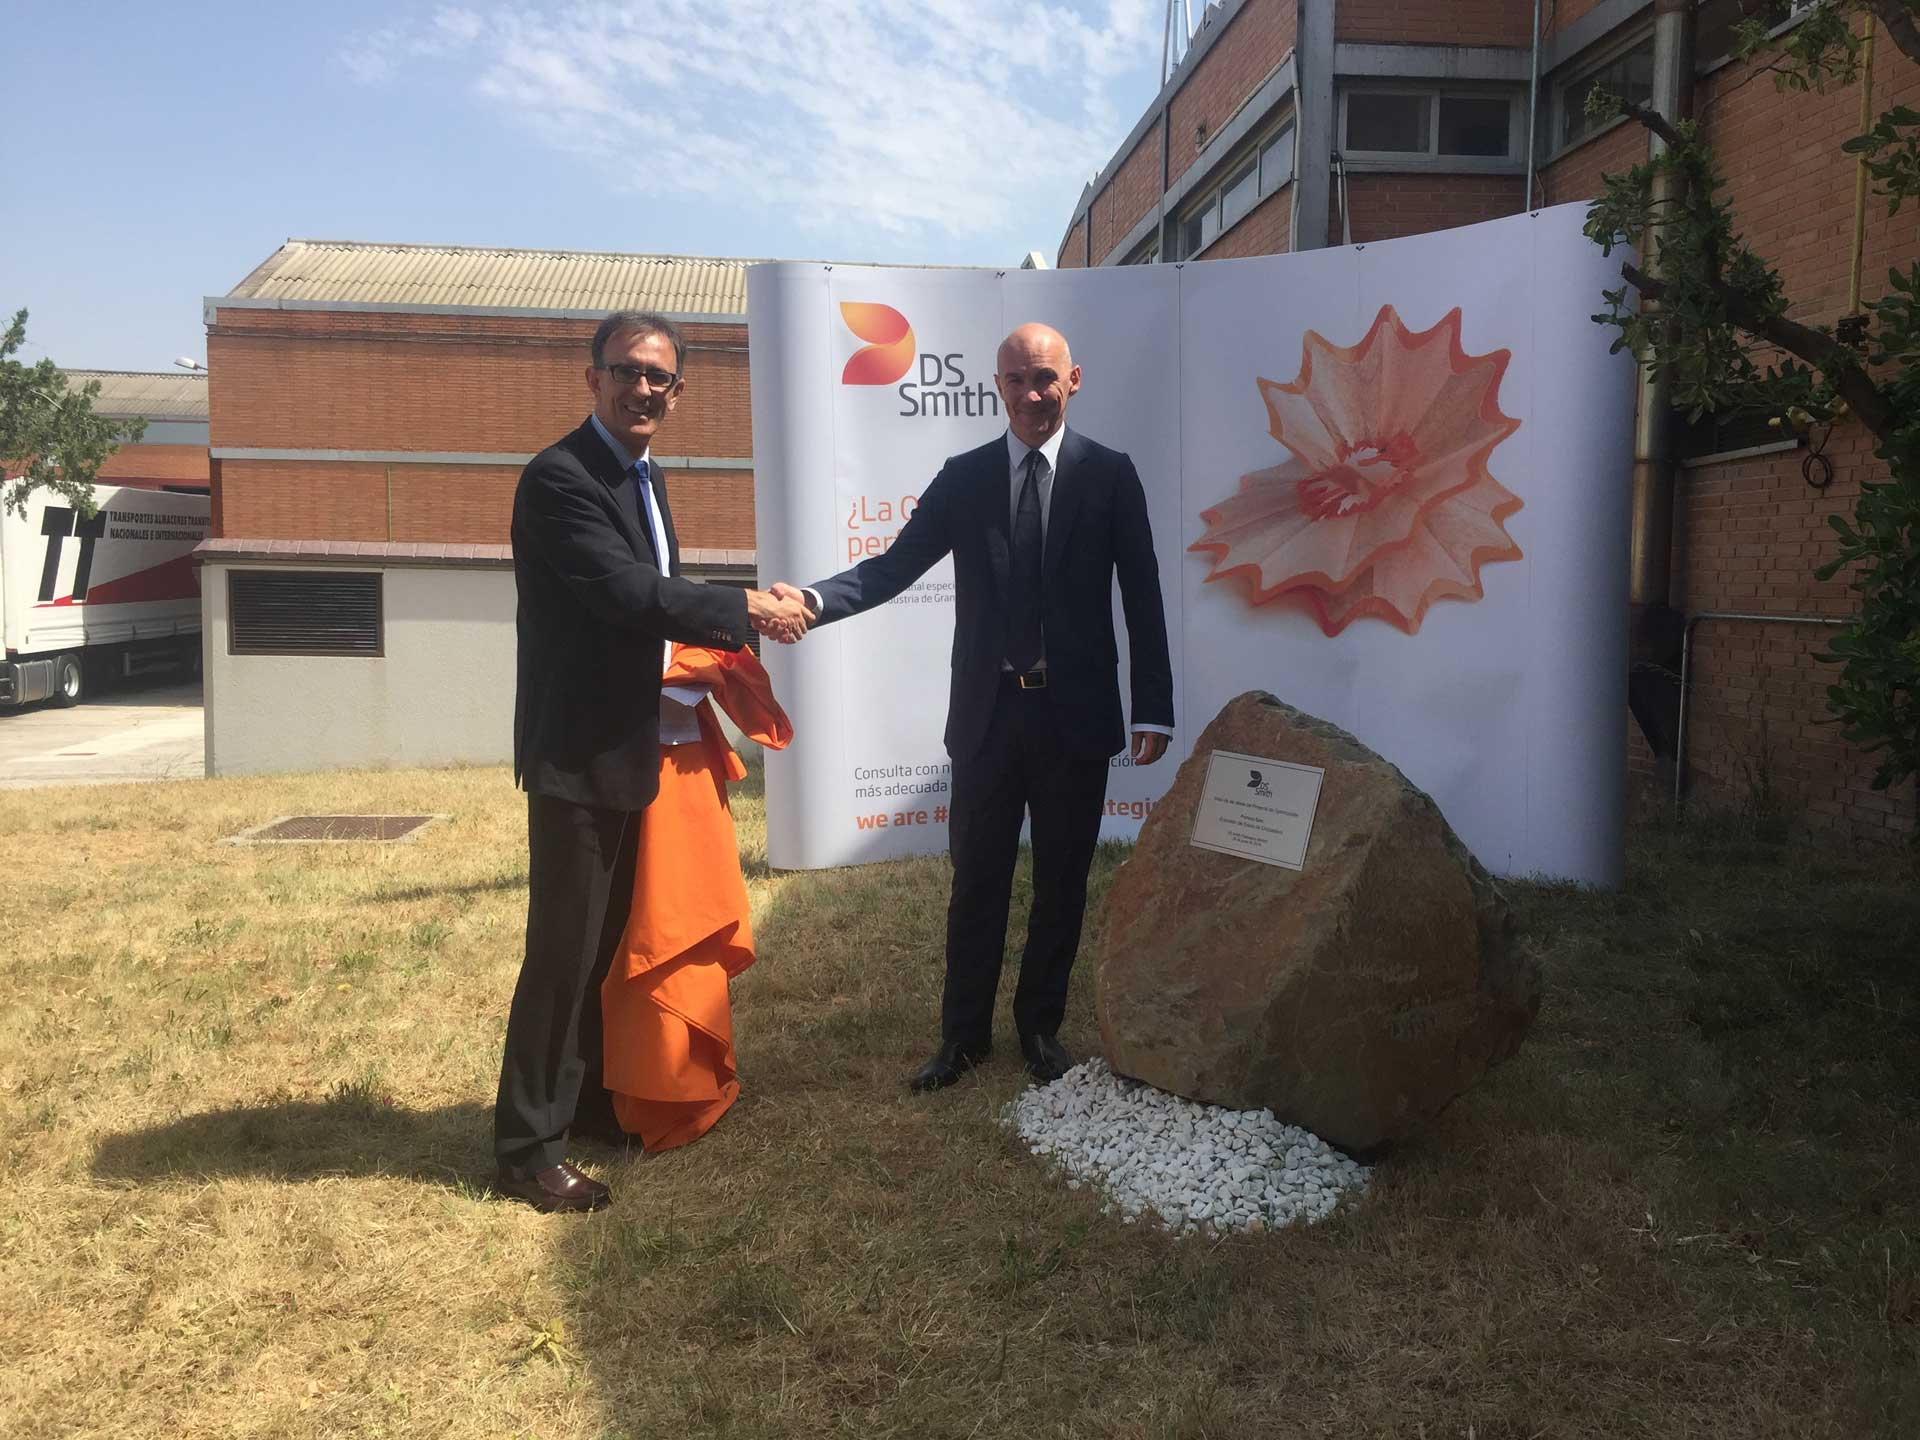 DS Smith Packaging amplía sus instalaciones en la planta de Torrejón de Ardoz